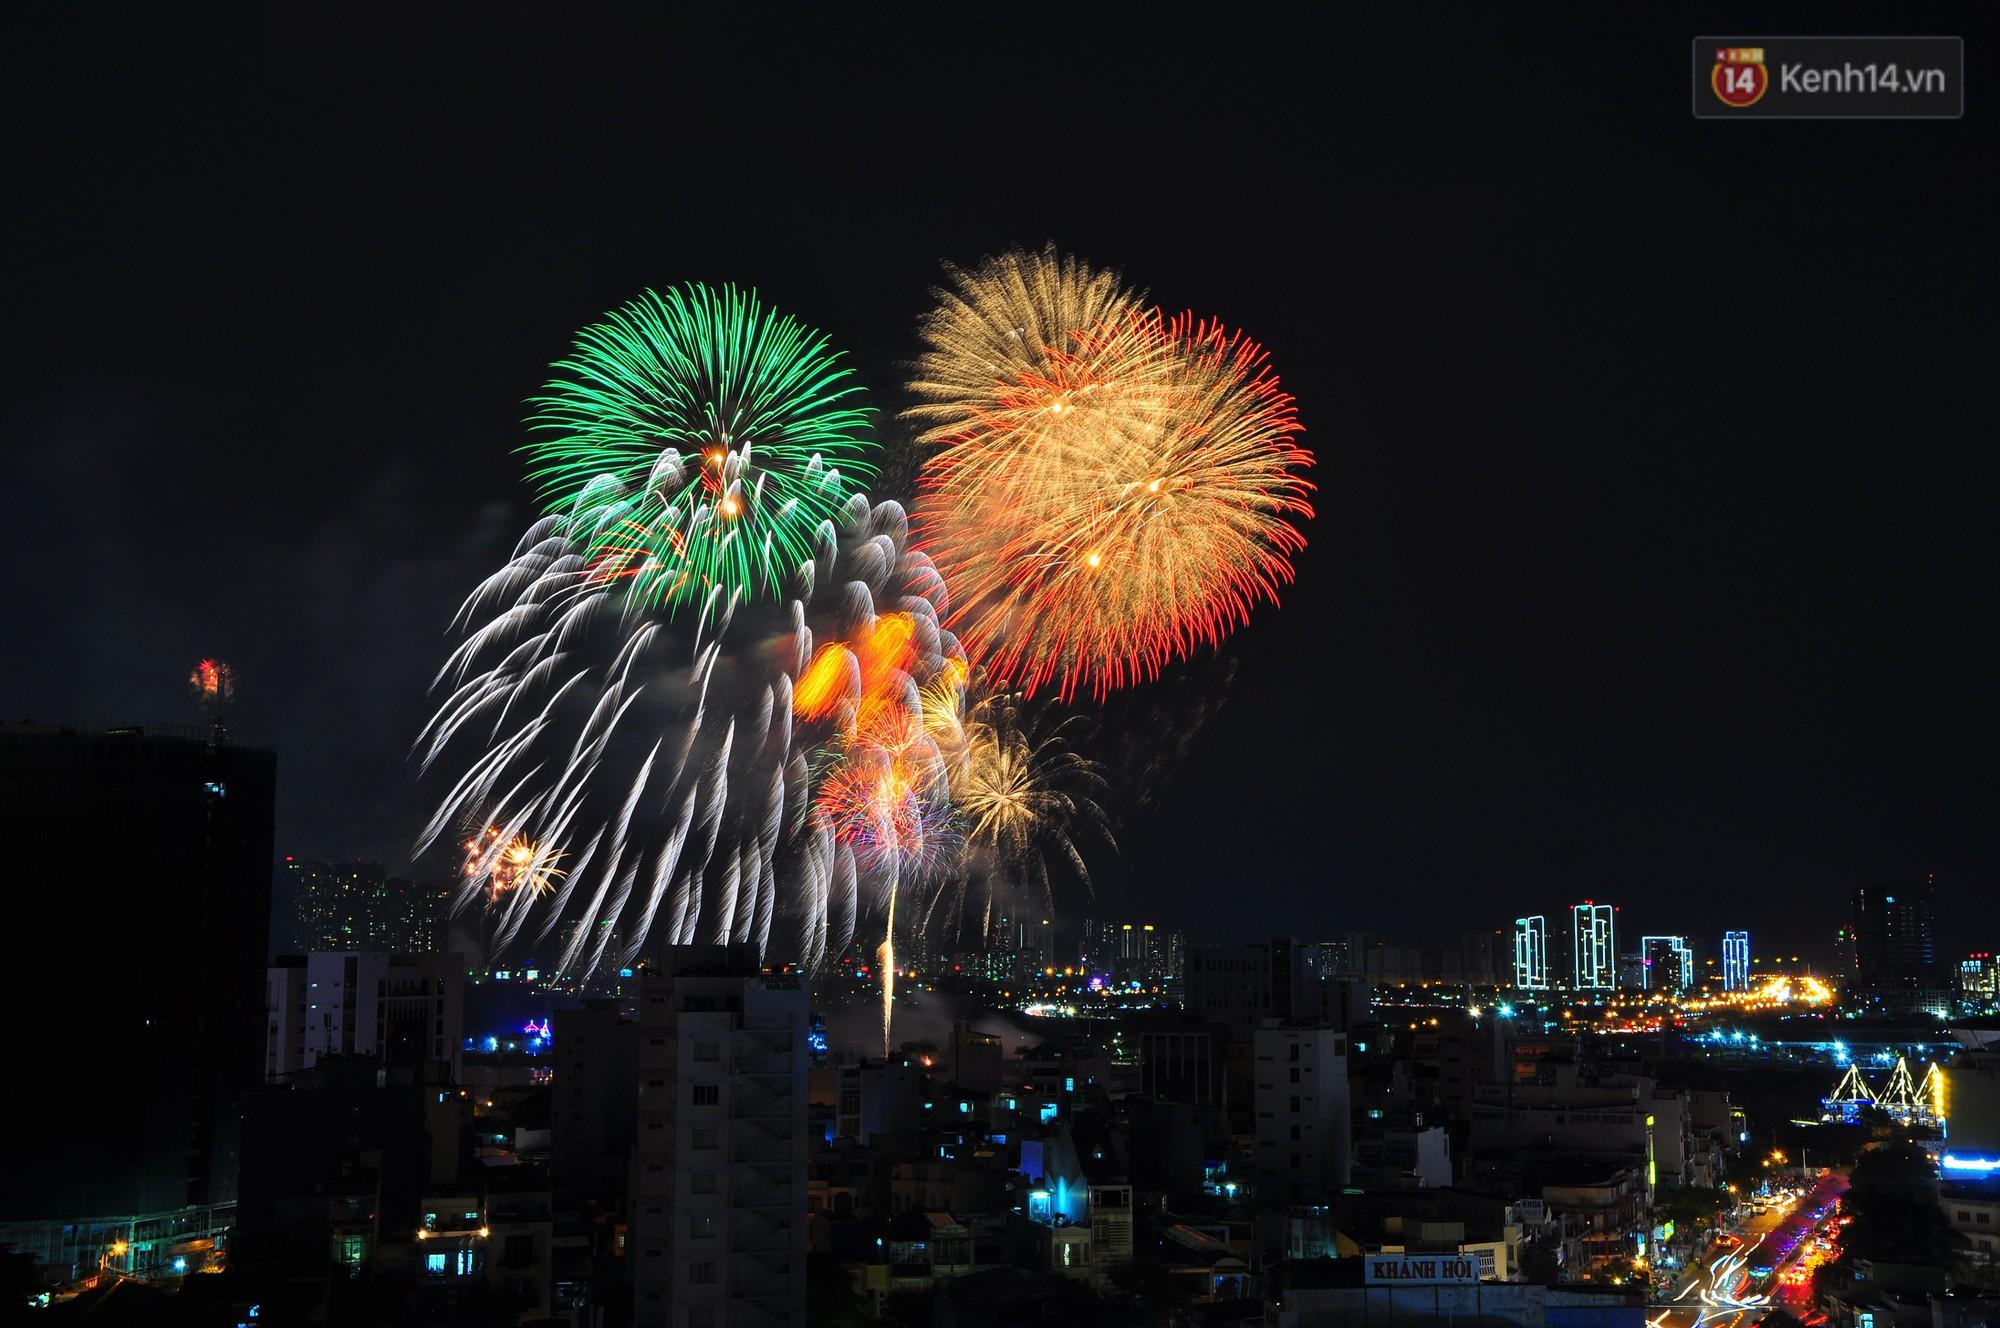 Loạt pháo hoa đẹp rực rỡ trên bầu trời Sài Gòn mừng 44 năm Giải phóng miền Nam thống nhất đất nước - Ảnh 12.